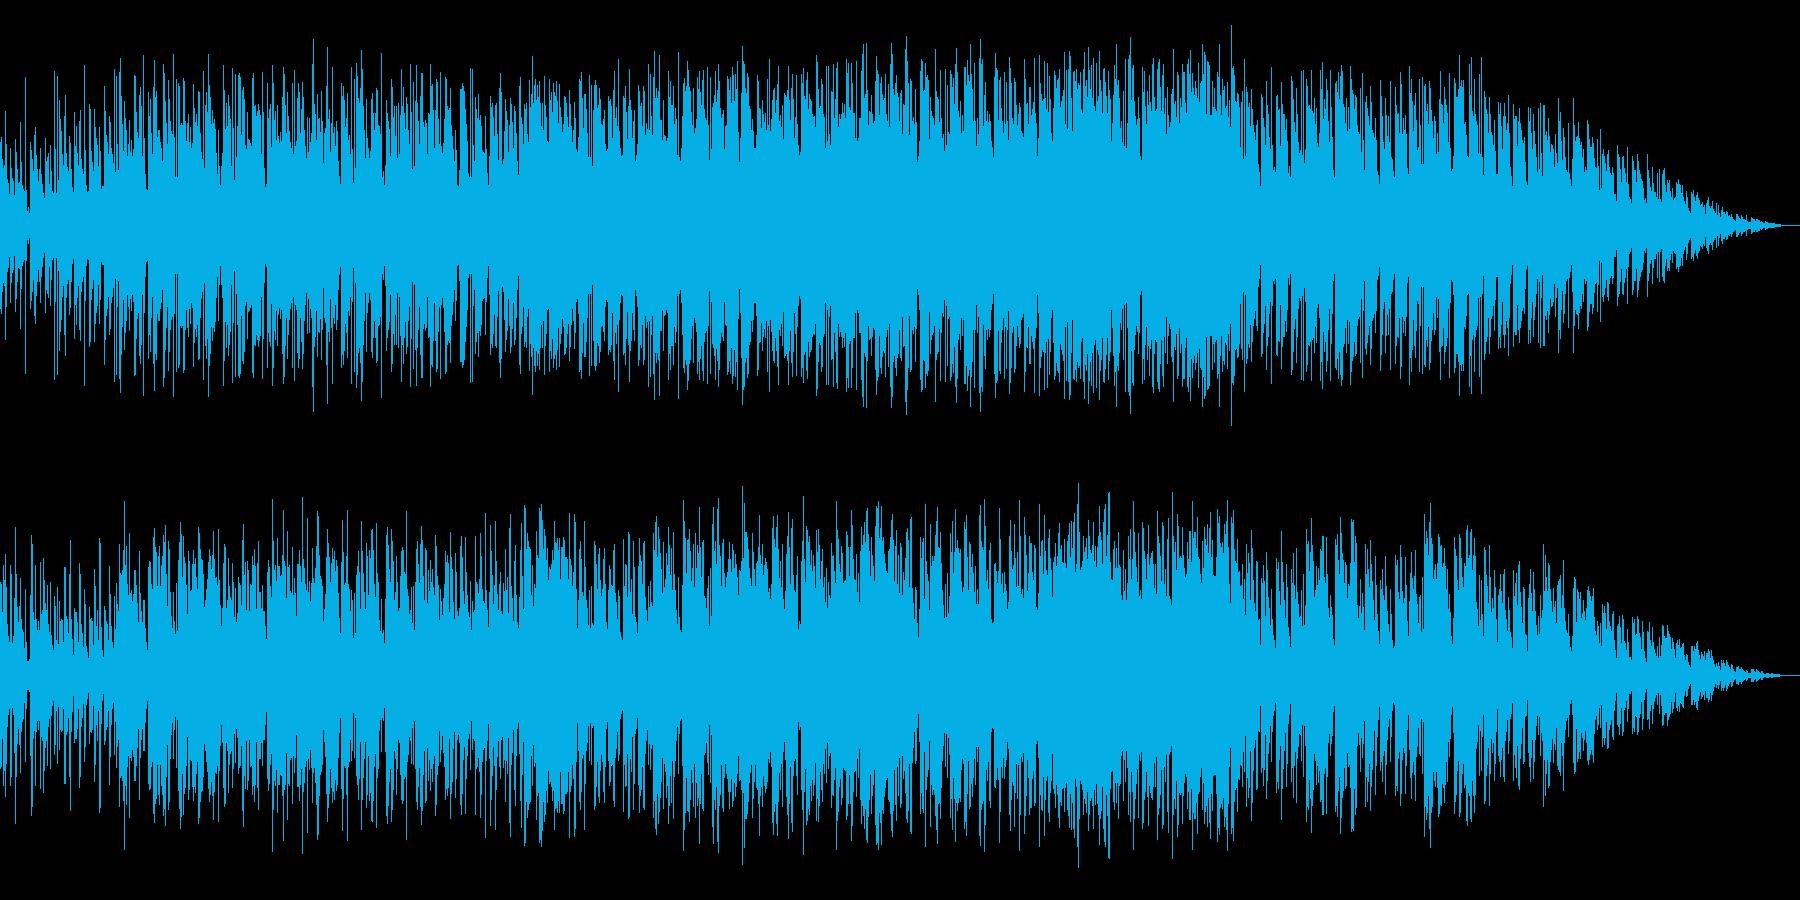 メルヘン映画のサウンドトラックver.2の再生済みの波形